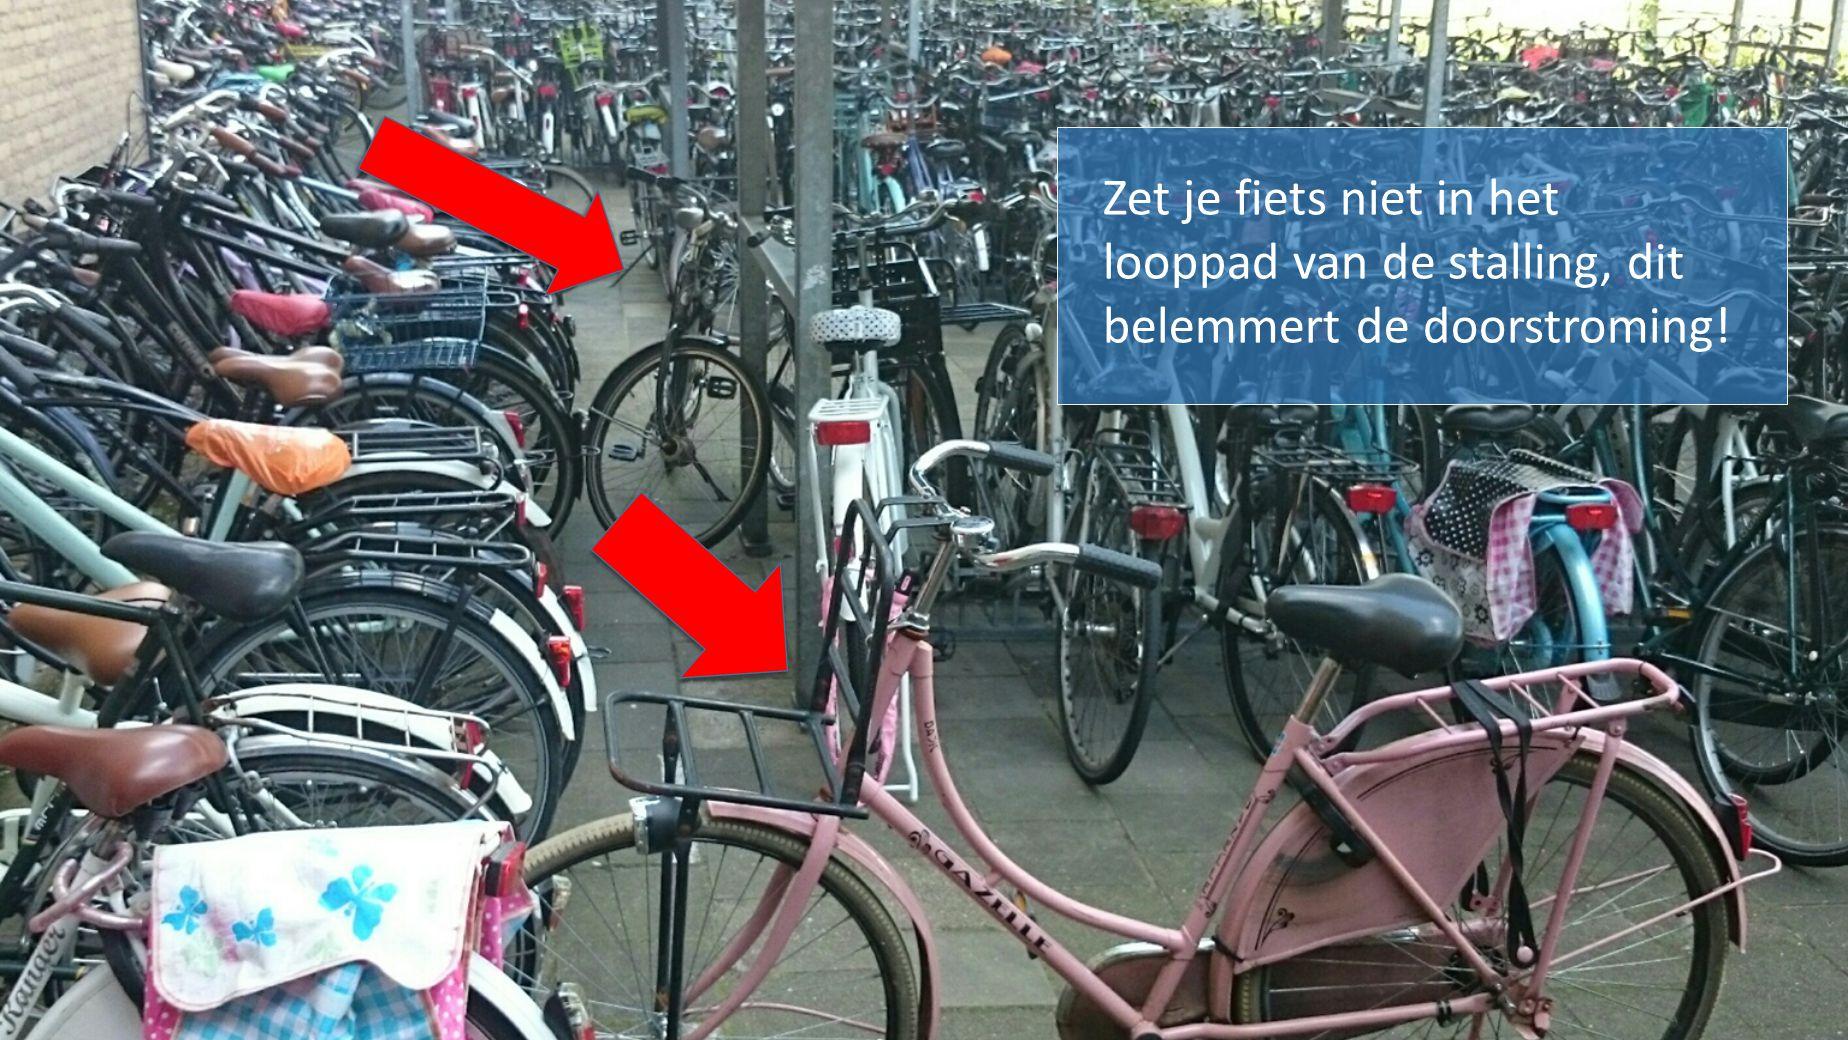 Zet je fiets niet in het looppad van de stalling, dit belemmert de doorstroming!